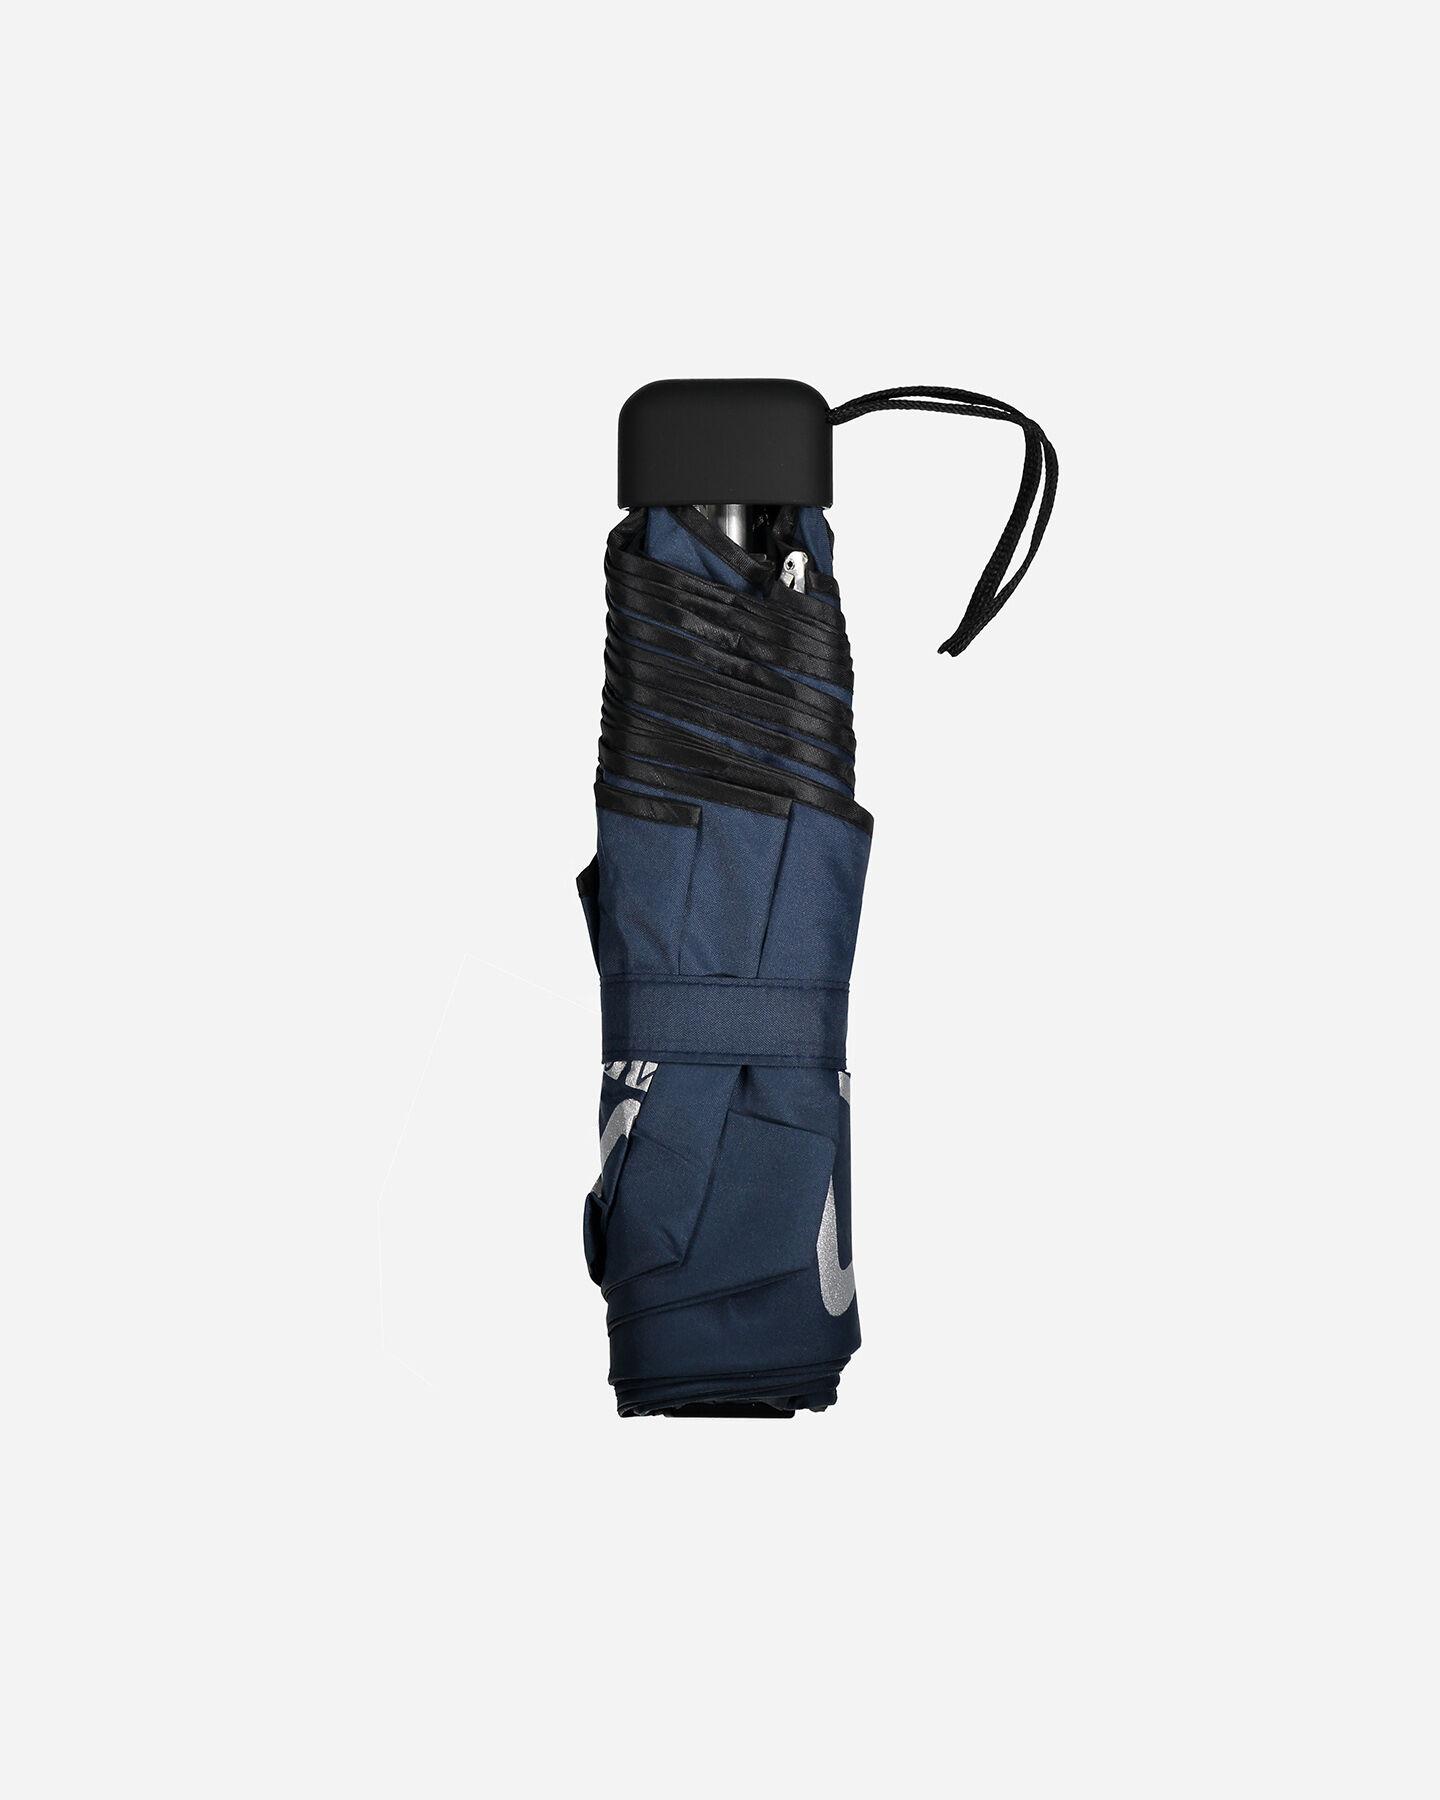 Ombrello 8848 RAIN PACKABLE S1283404 scatto 1